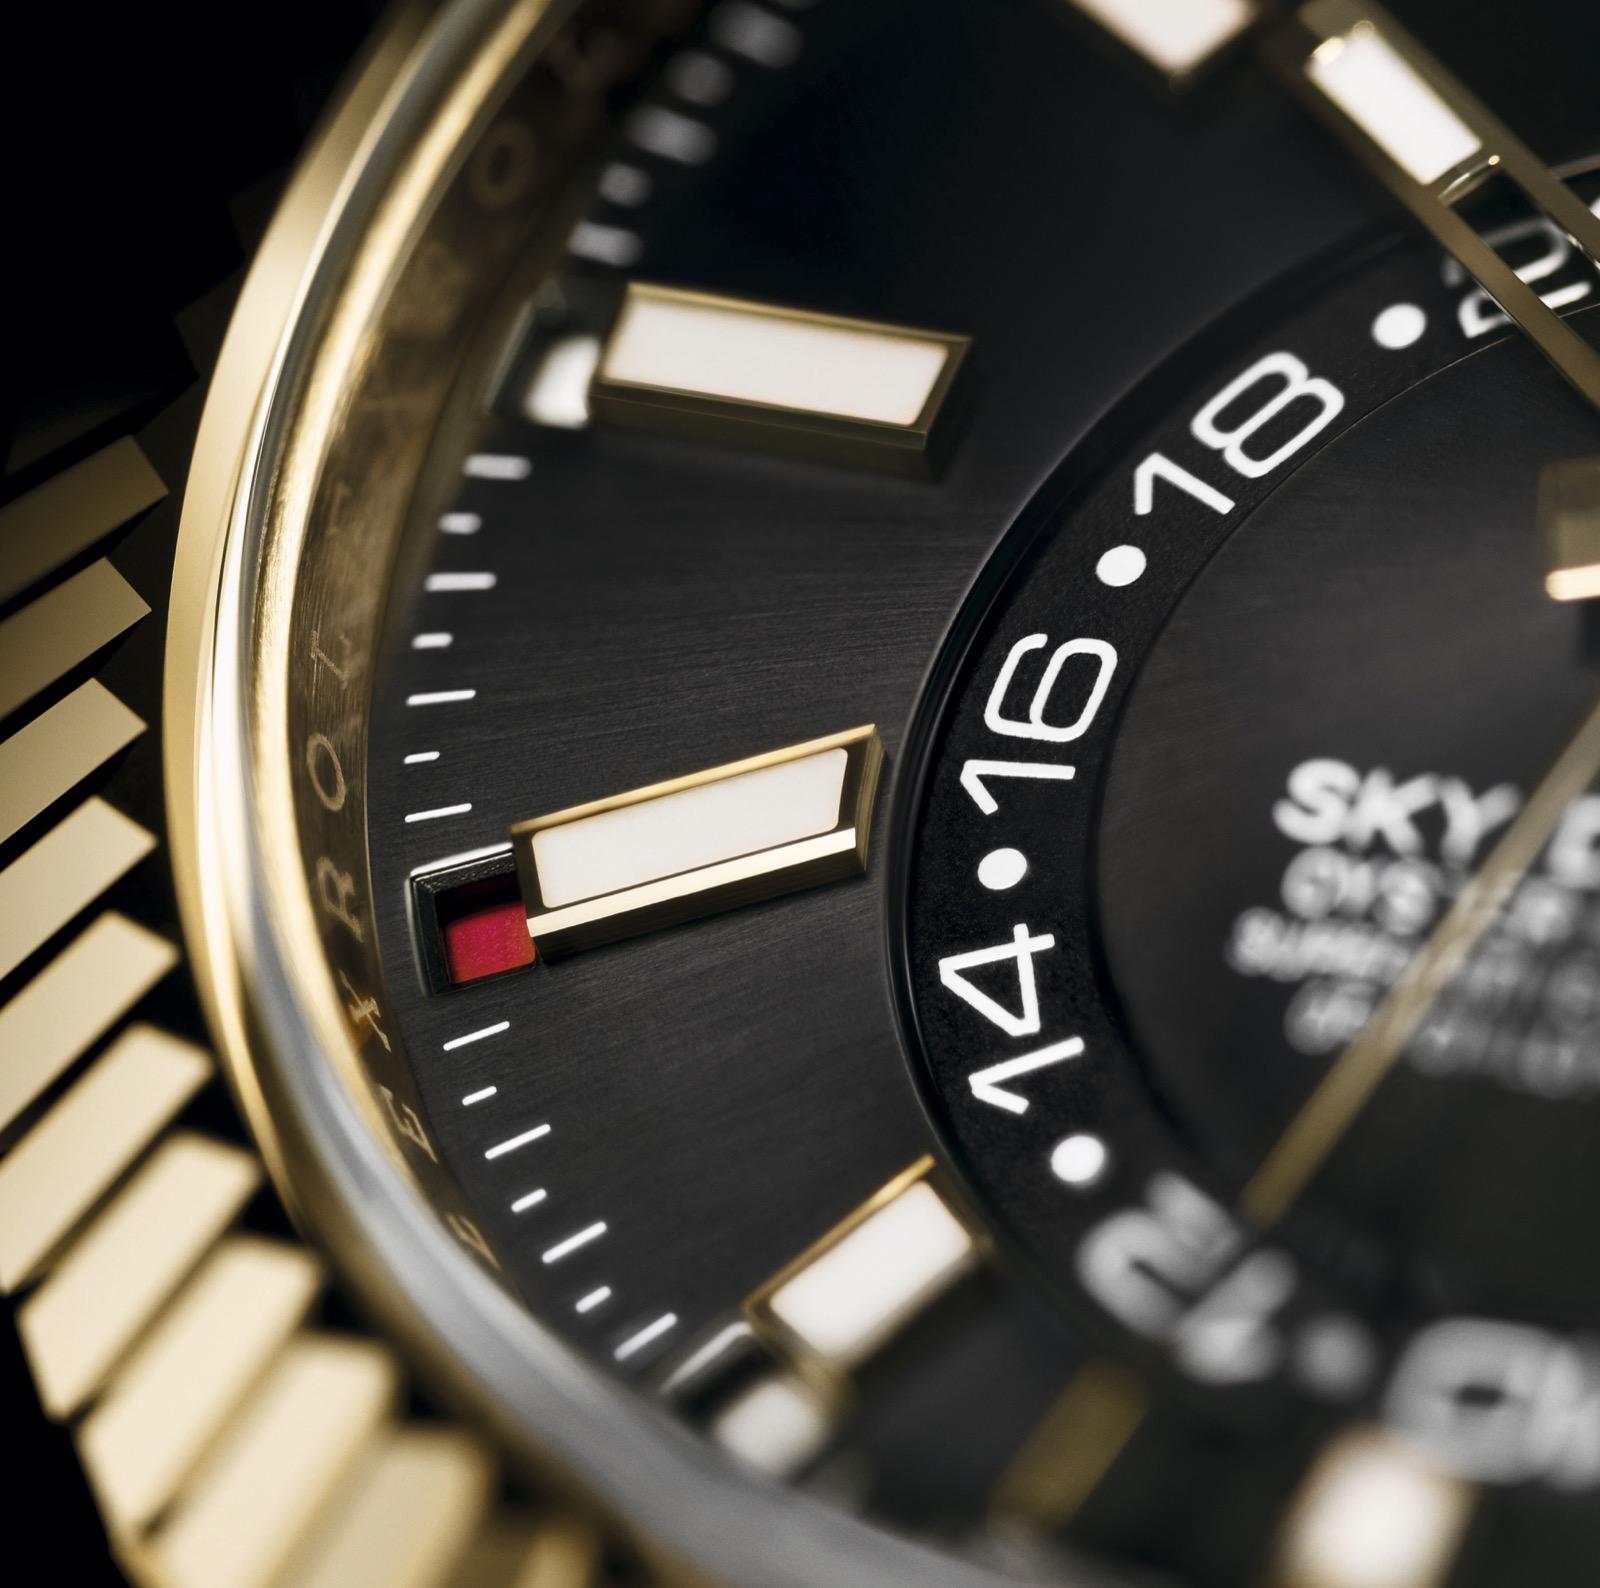 Rolex Sky Dweller negro oro amarillo oysterflex ref. 326238 Detalle indicador del mes